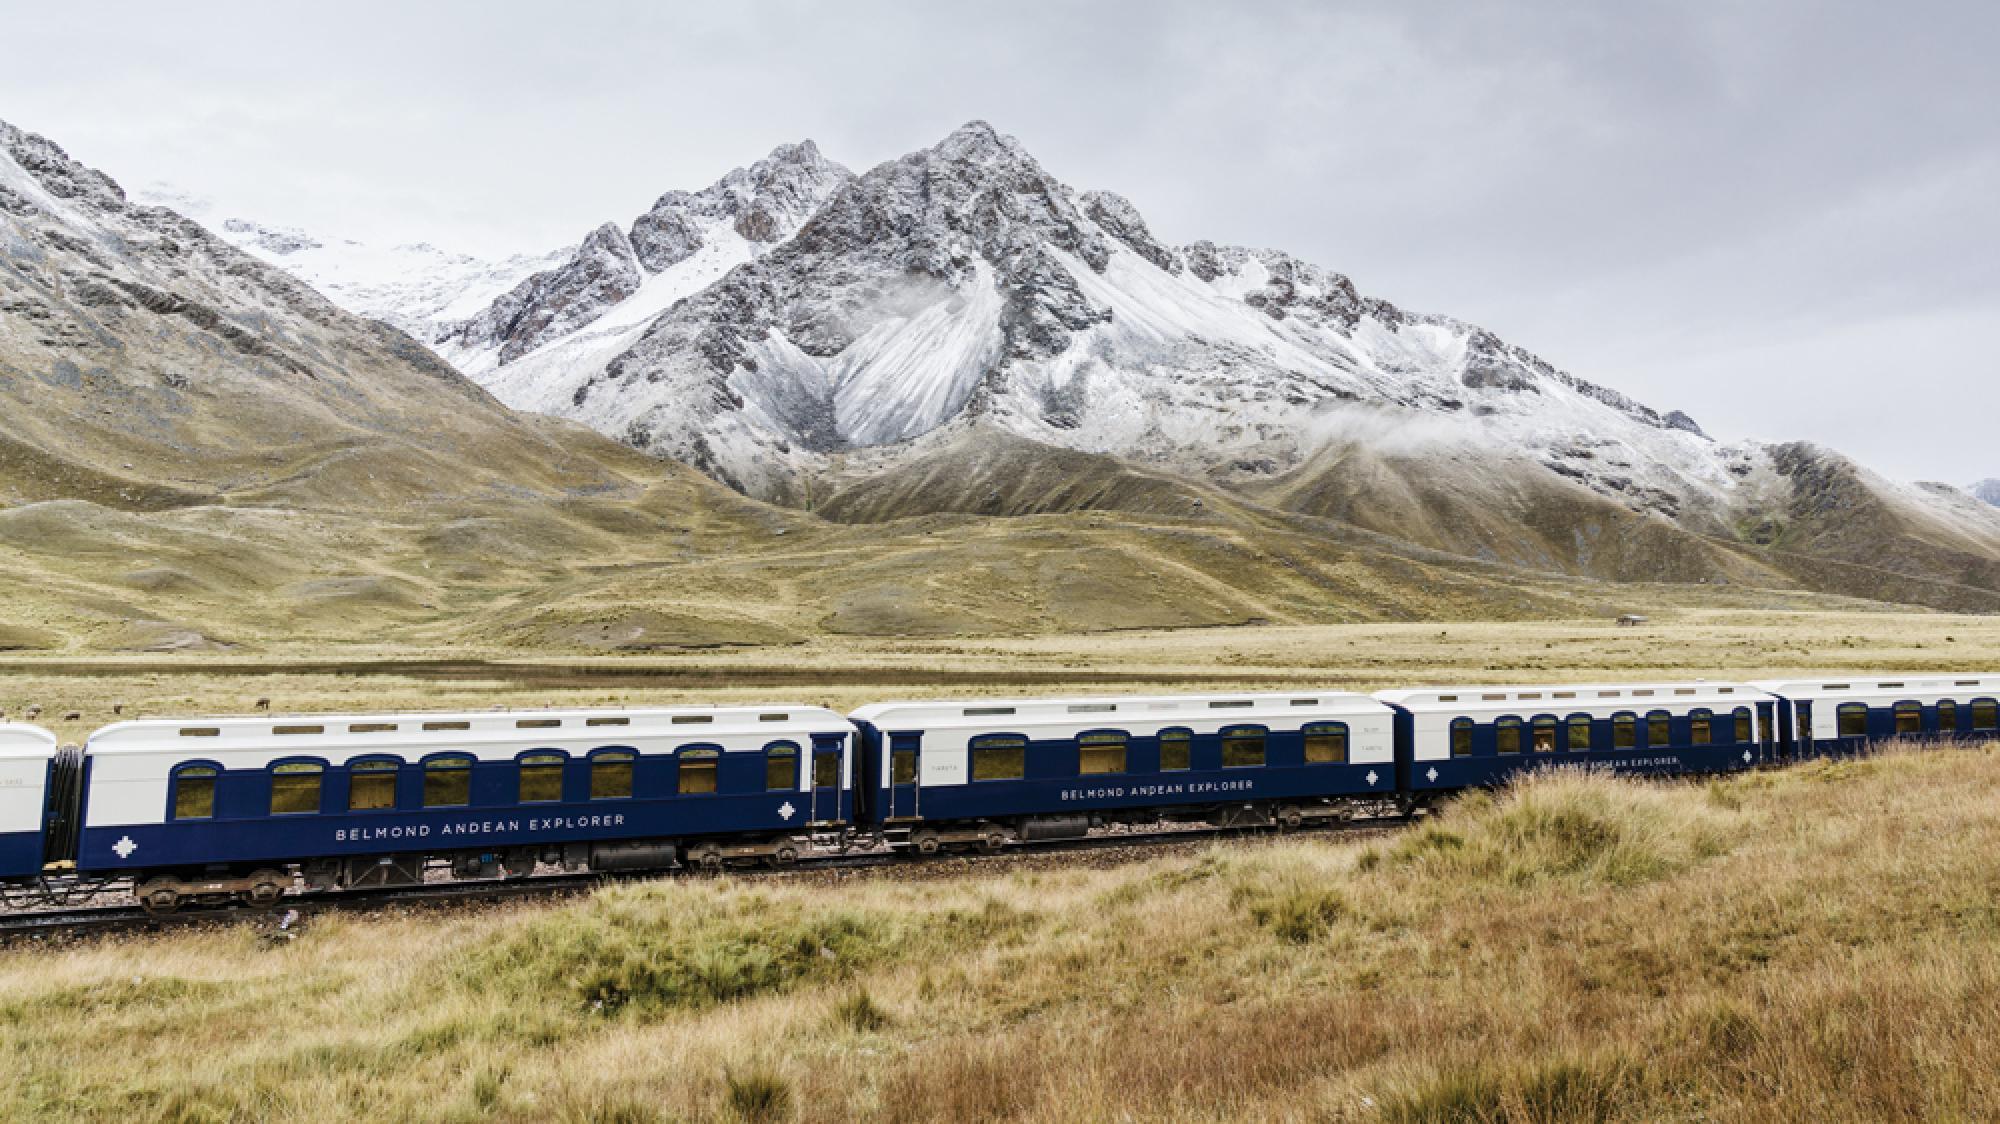 Exploción andina en Belmond - 1 Noche en el tren nocturno - De Puno hacia Cusco